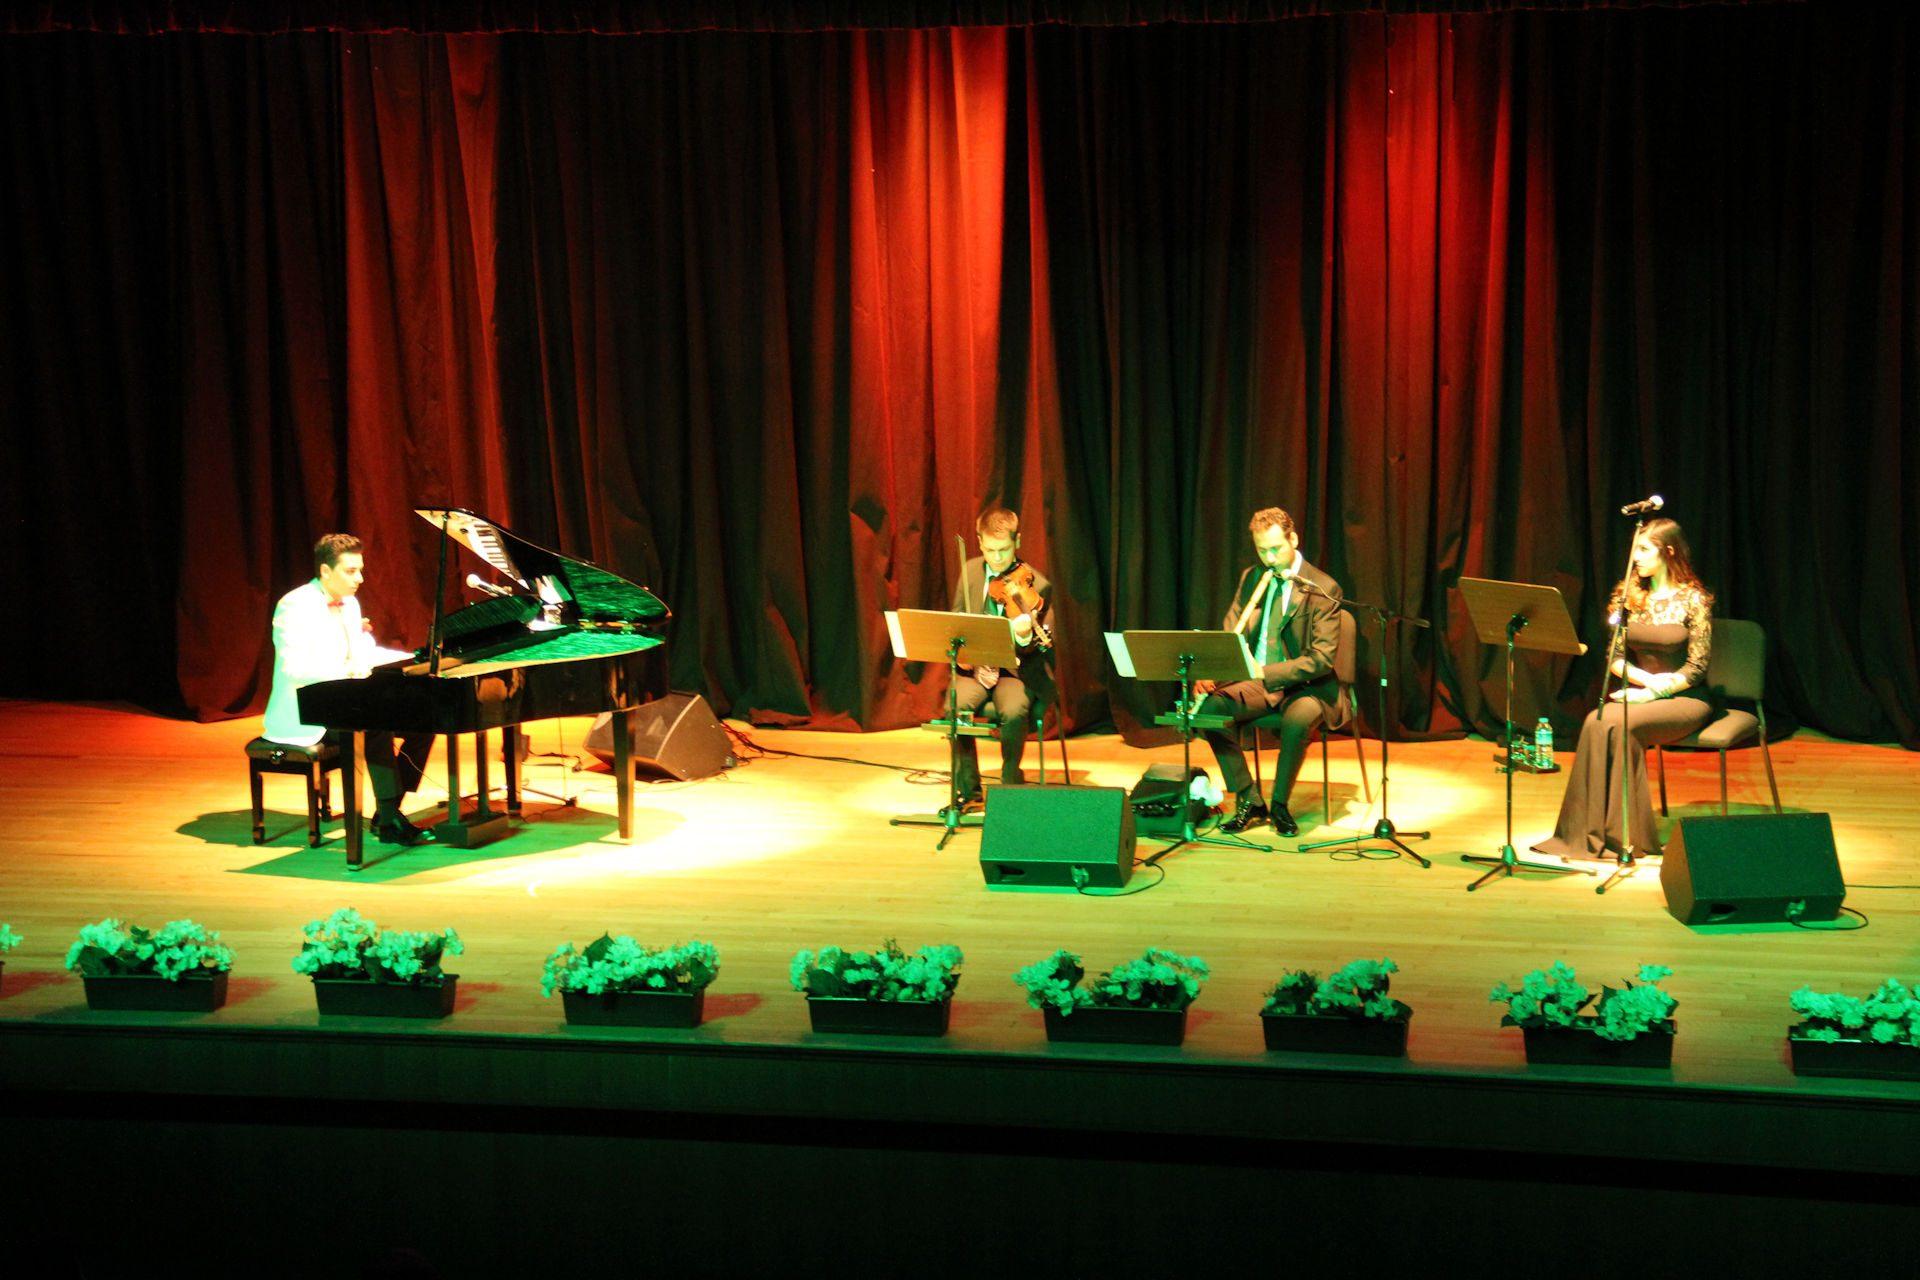 Piyanist Güneş Yakartepe Piyano Tuşlarından Farklı Ezgiler Şarkılar Ve Bestelerim Müzik Konseri İ.B.B. Kültür Merkezi Konser Salonu 12